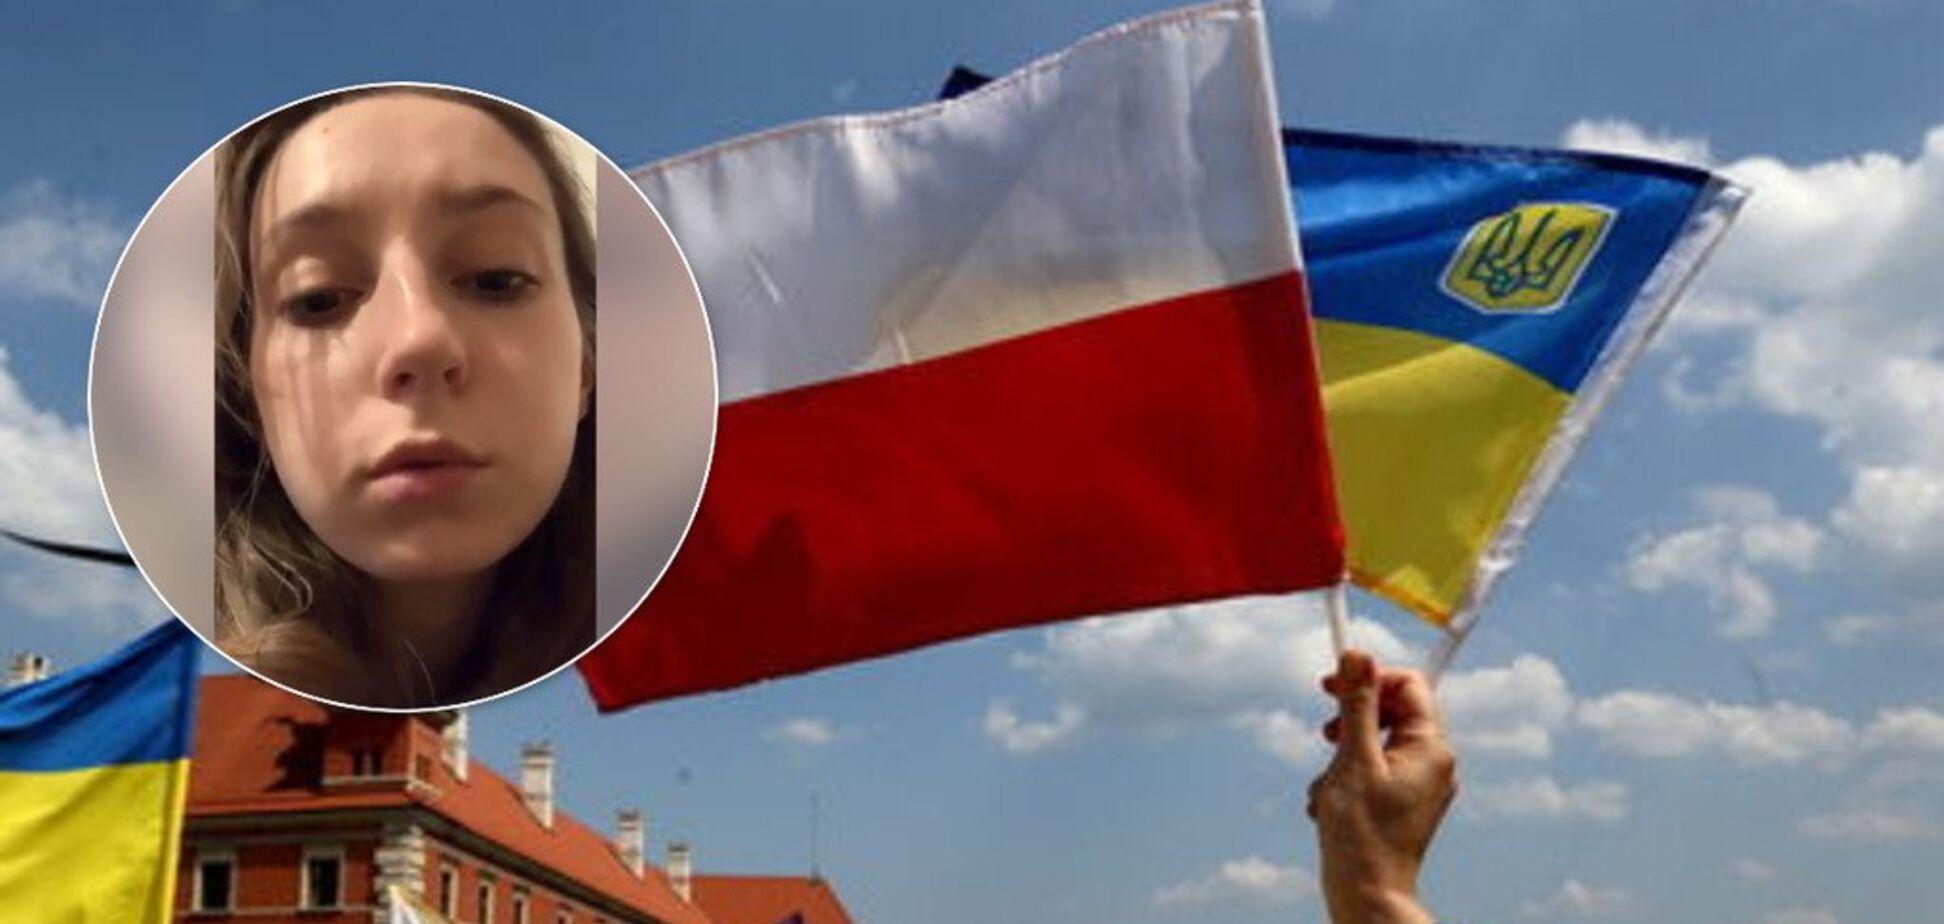 'Я добра к животным!' Польская студентка жестоко оскорбила украинку. Все детали скандала